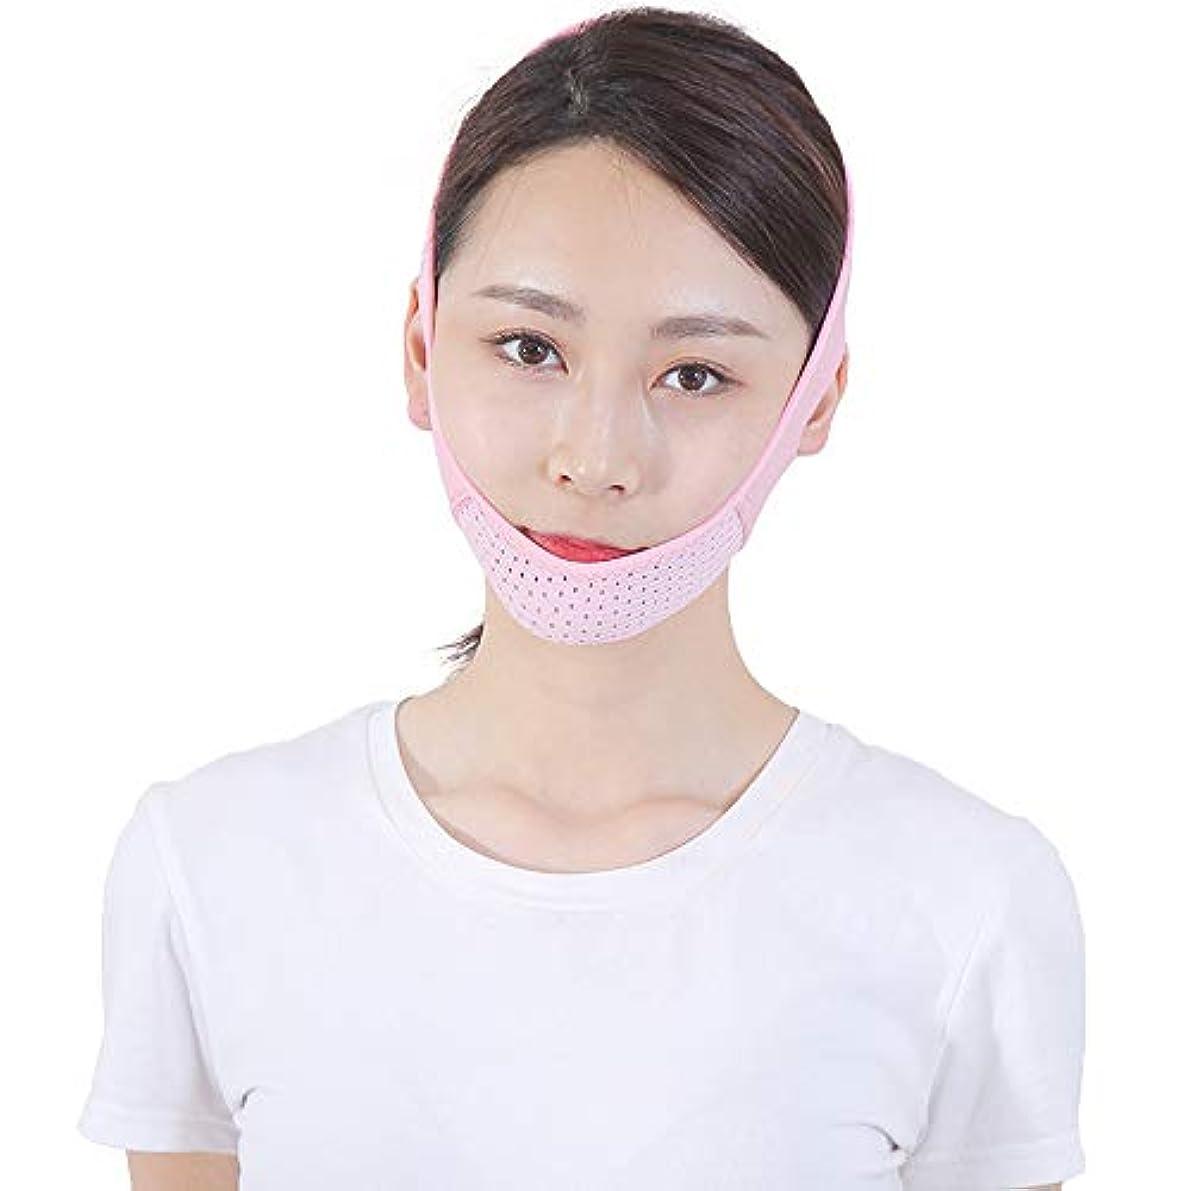 国家迅速リスキーな薄い顔のベルト - 薄い顔のベルト 顔の包帯ダブルチンの顔リフトの人工物Vのフェイスベルト薄い顔のマスク 美しさ